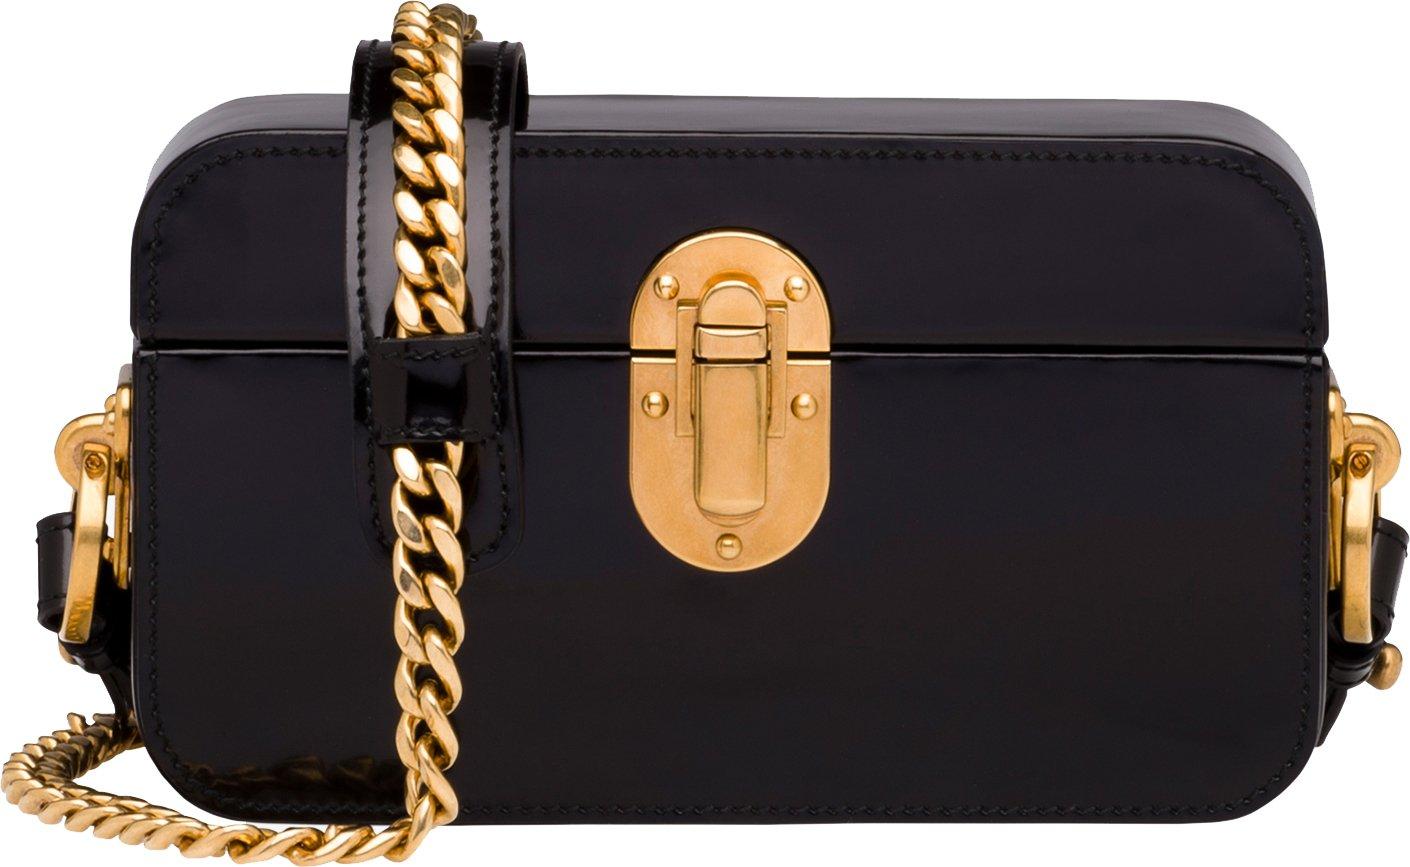 Prada-Micro-Box-Bag